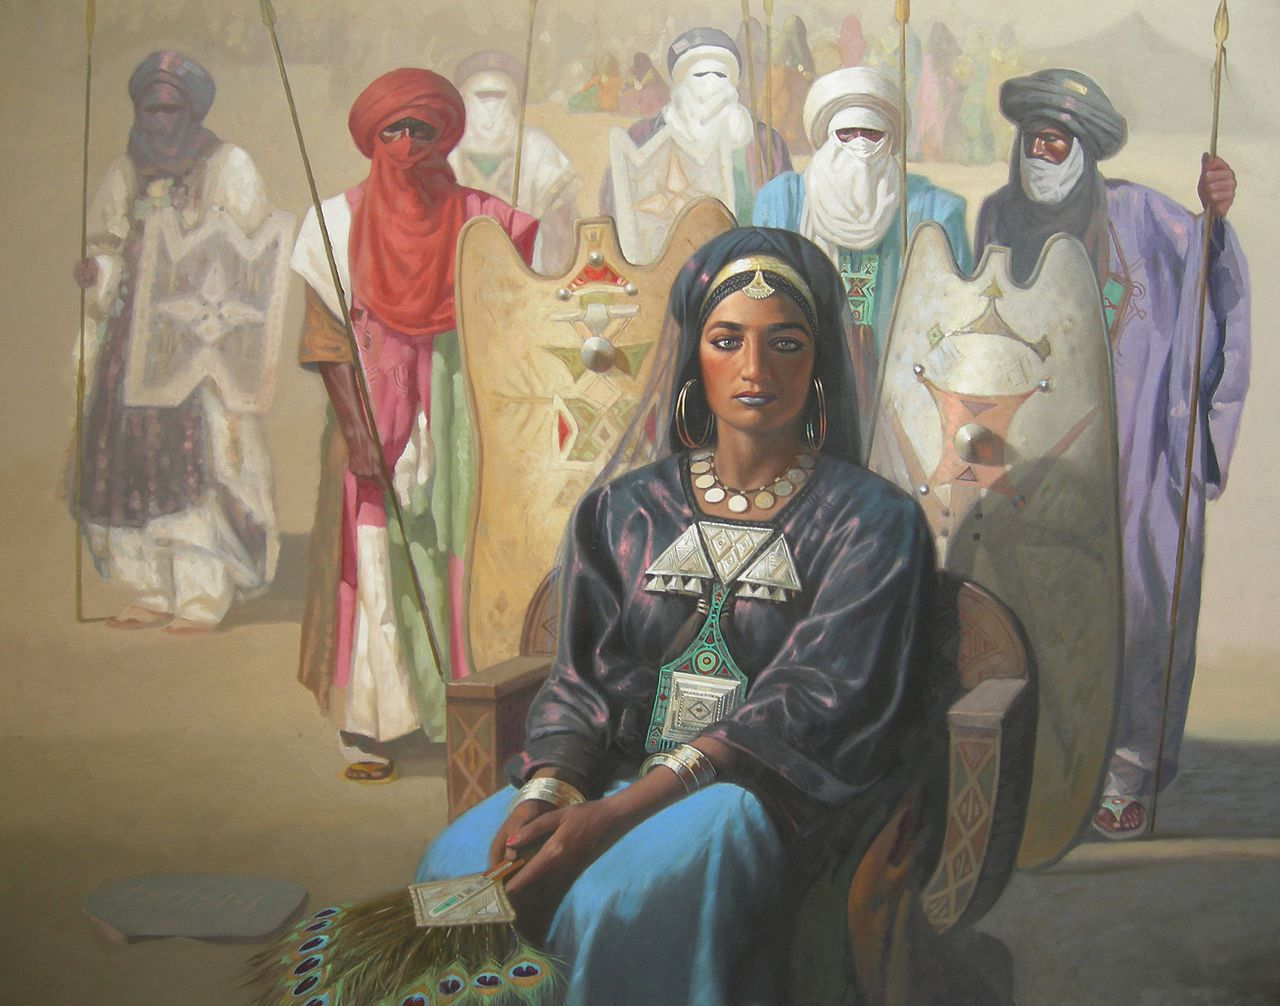 Science, culture, civilisation, inventions Islamique « Histoire Islamique Tin Hinan sözlü geleneklerin adı Hoggar ve Tuaregler orijinal atası vermek. 1925 yılında, Abalessa de, güney algérin içinde Hoggar, arkeologlar bir kadının mezarını keşfetti. Onlar da, orada iyi korunmuş iskeleti bulundu Roma İmparatoru Konstantin 308 ve 324 jc, altın ve gümüş takılar imajını yanı sıra mezar mal taşıyan sikkeler. 4 yüzyılda, Kalay-Hinan arkeologlar tarafından atfedilen büyük mezar,